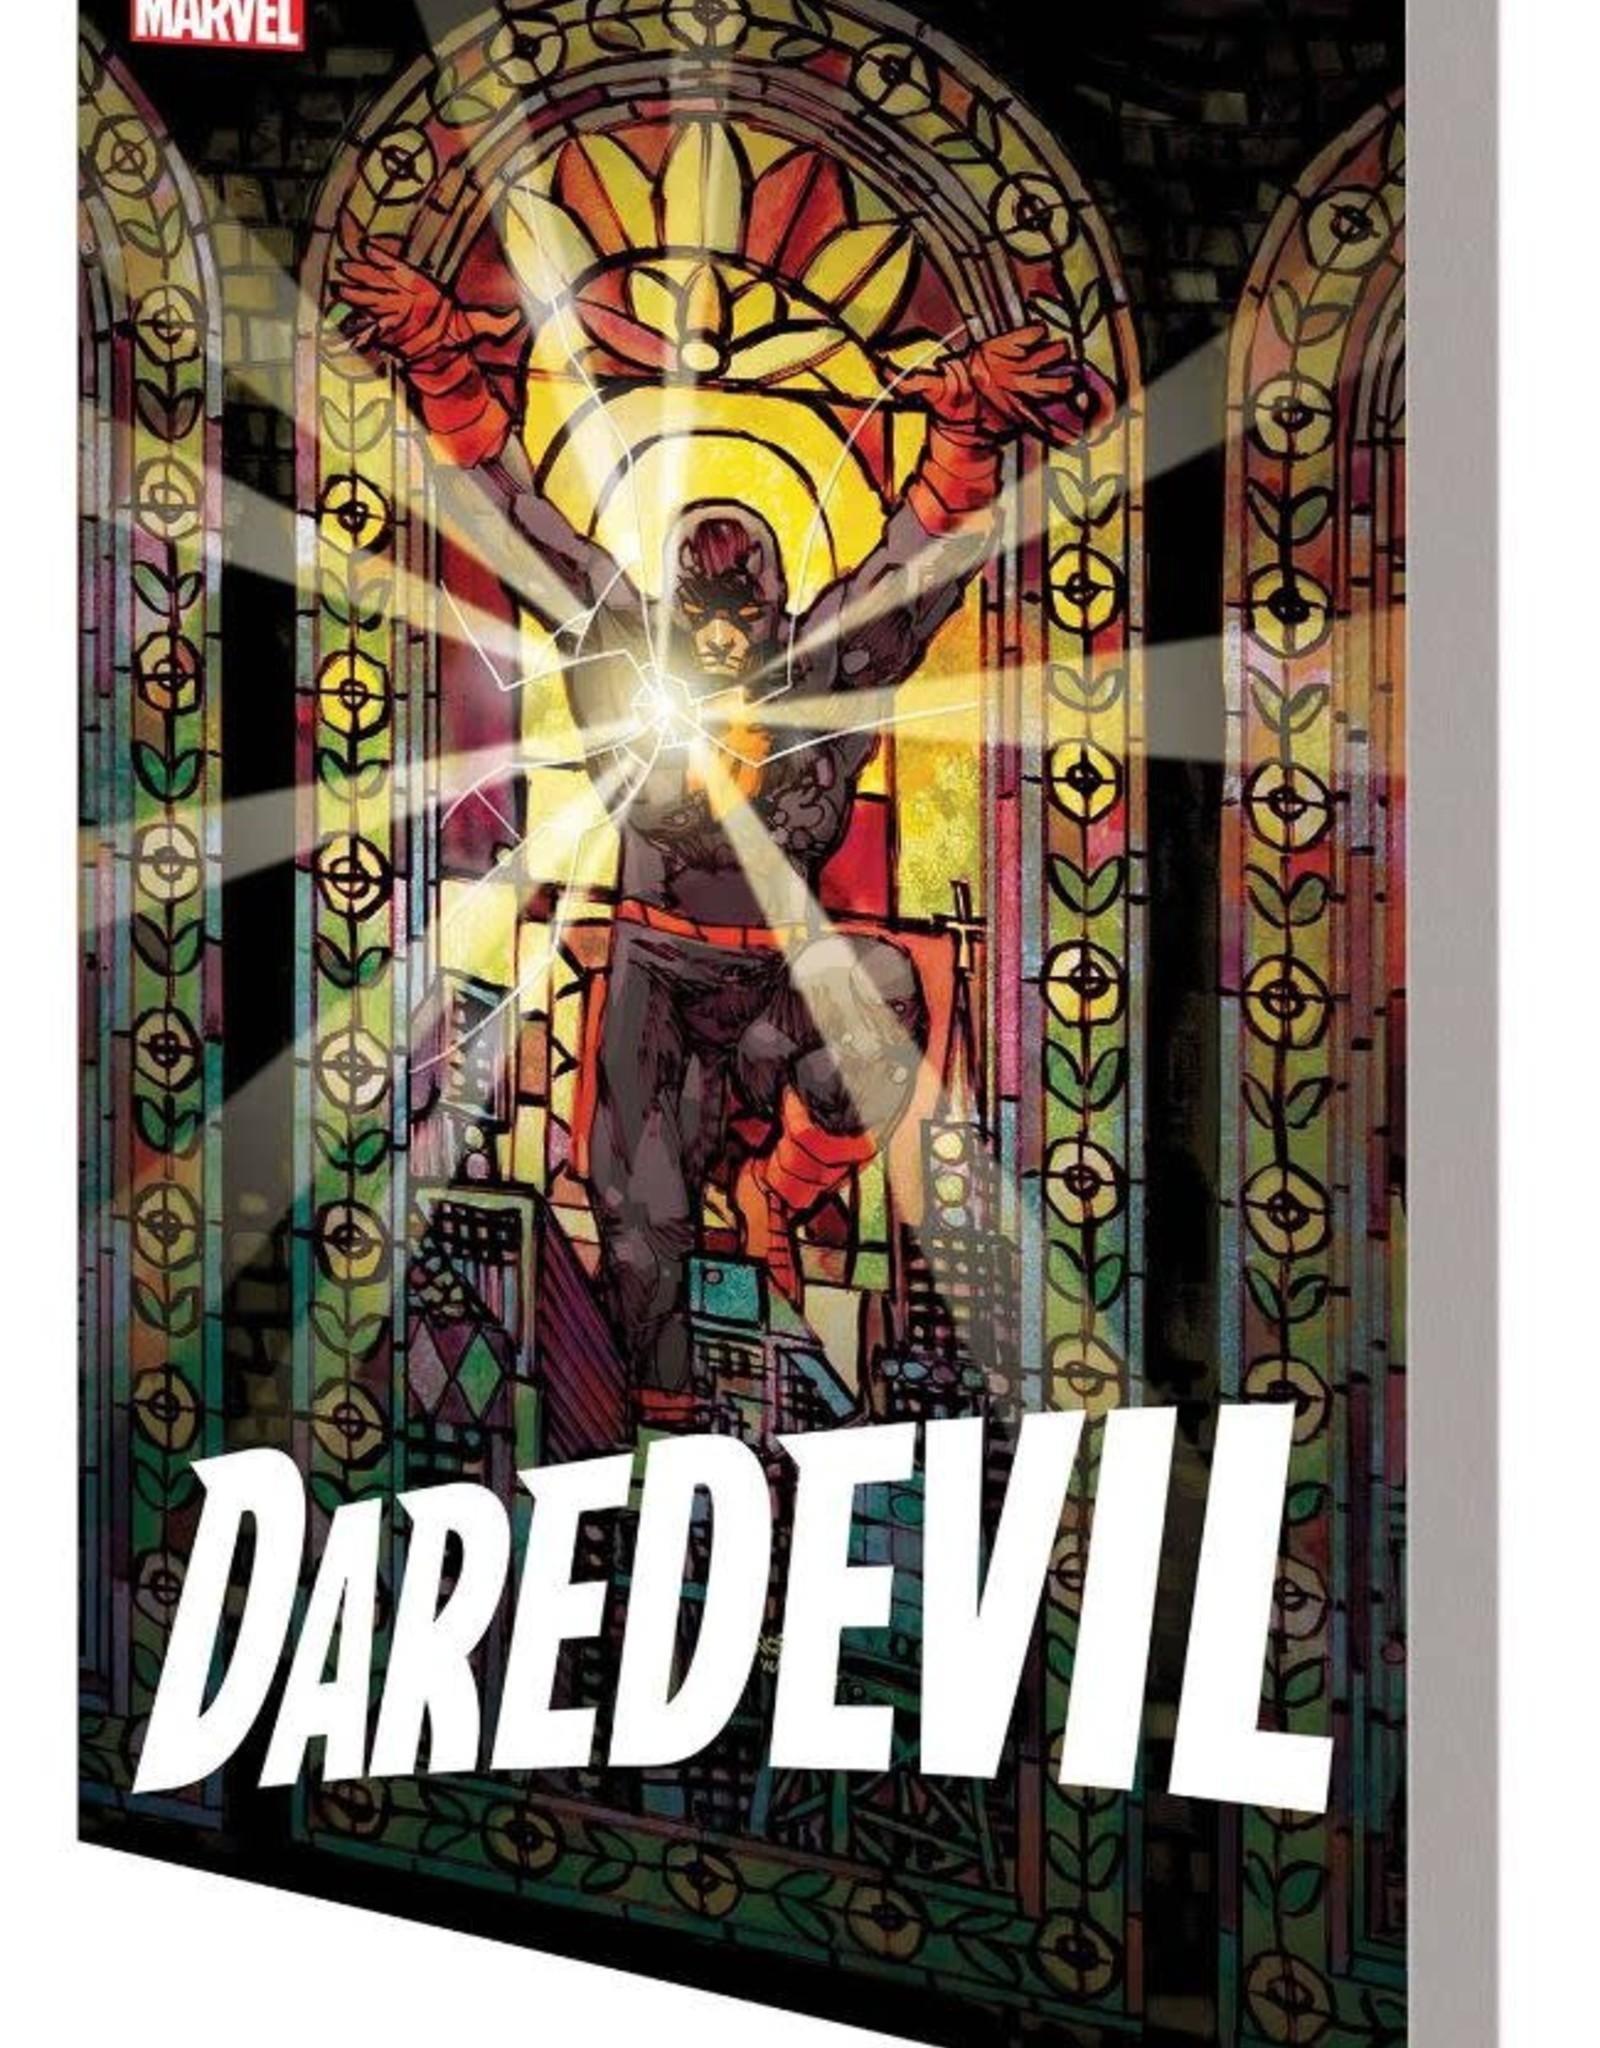 Marvel Comics Daredevil Back in Black Vol 04: Identity TP